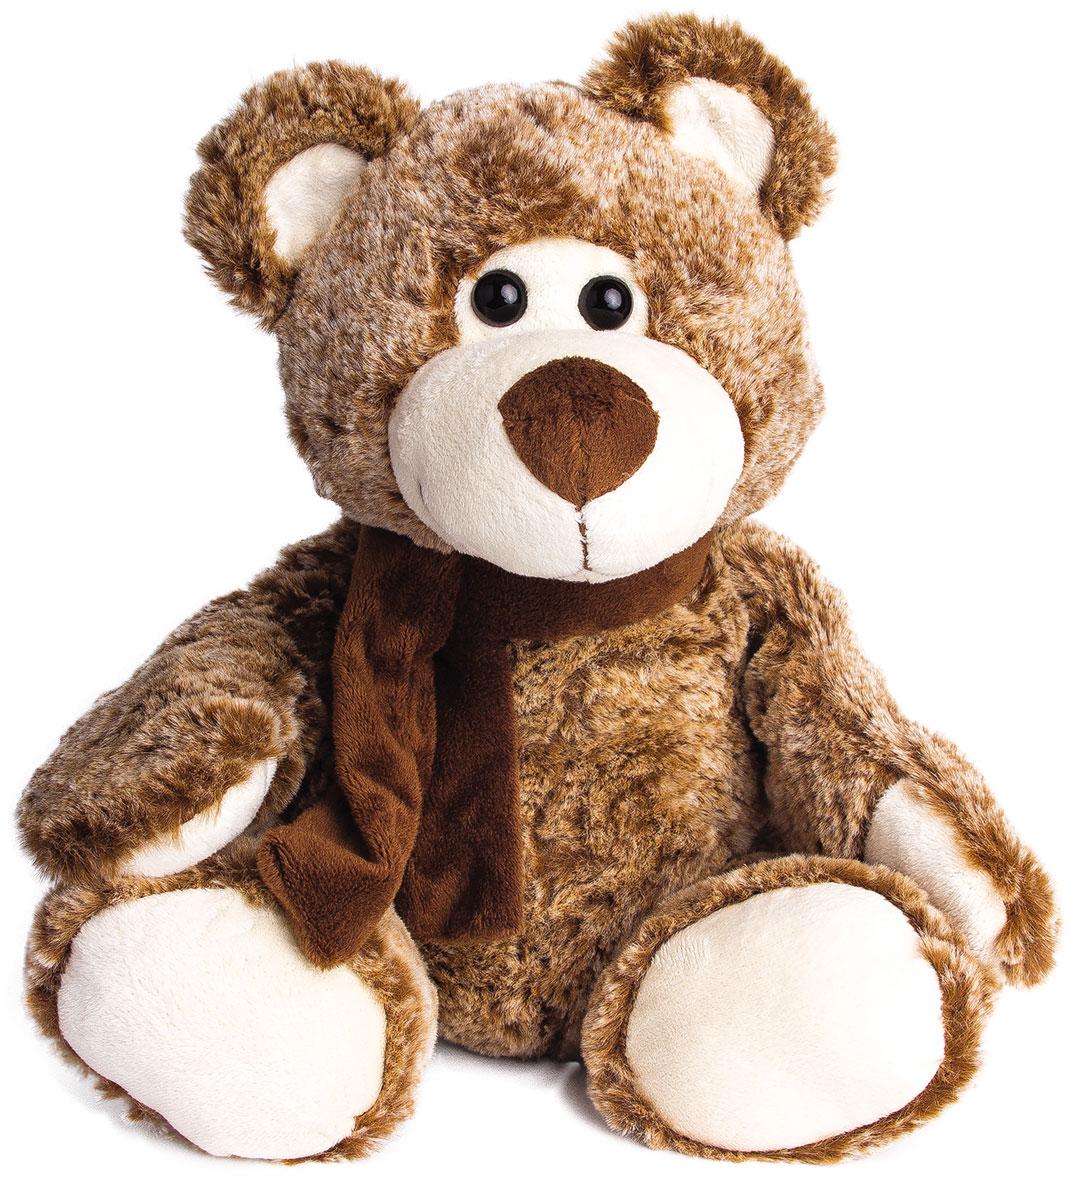 мальчик мягкая игрушка медведь фото великолепном веке эзги